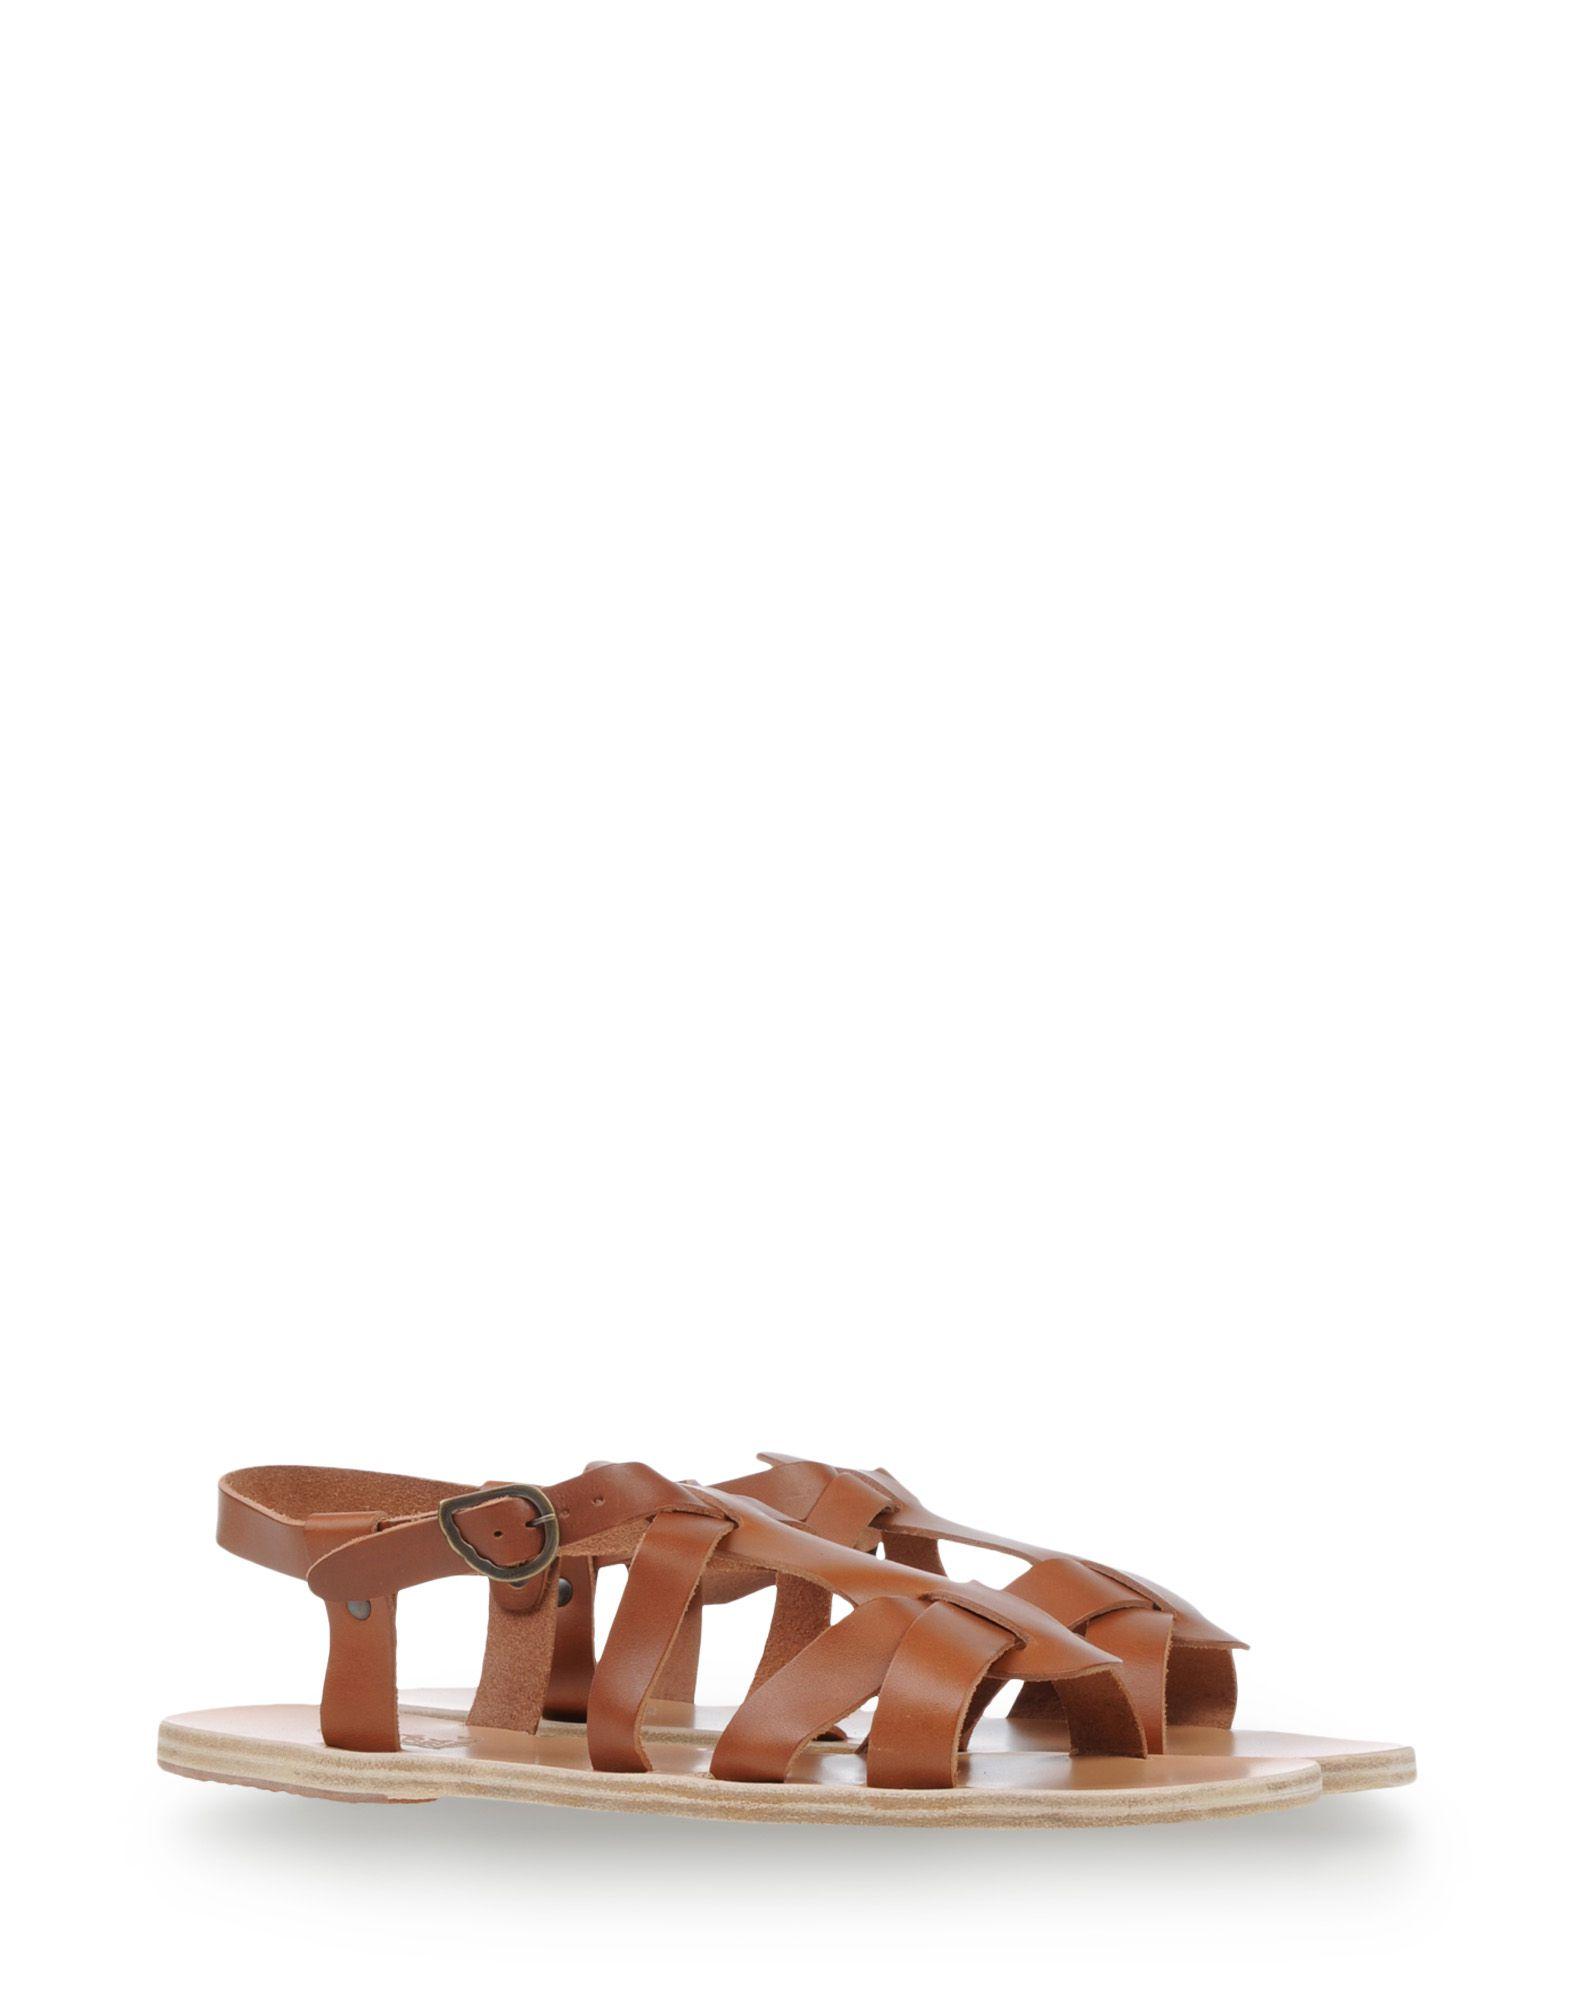 cbca5af45787 Pictures of Ancient Greek Sandals For Men - kidskunst.info